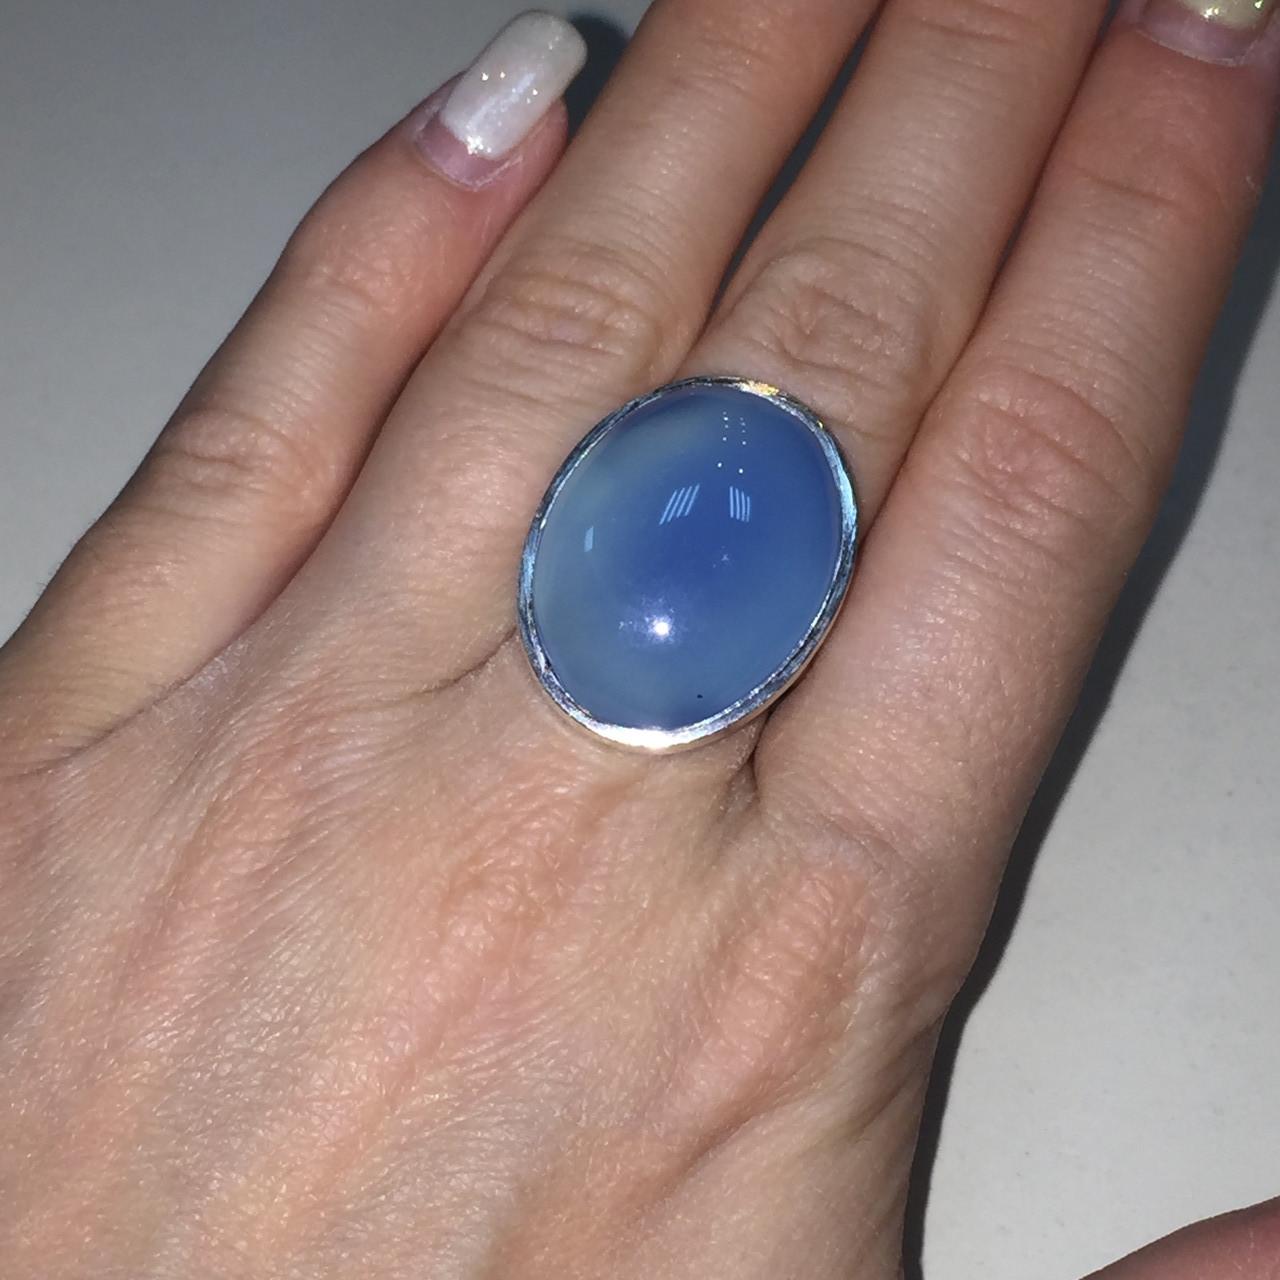 Кольцо овал халцедон в серебре. Кольцо с халцедоном 17.5 размер Индия